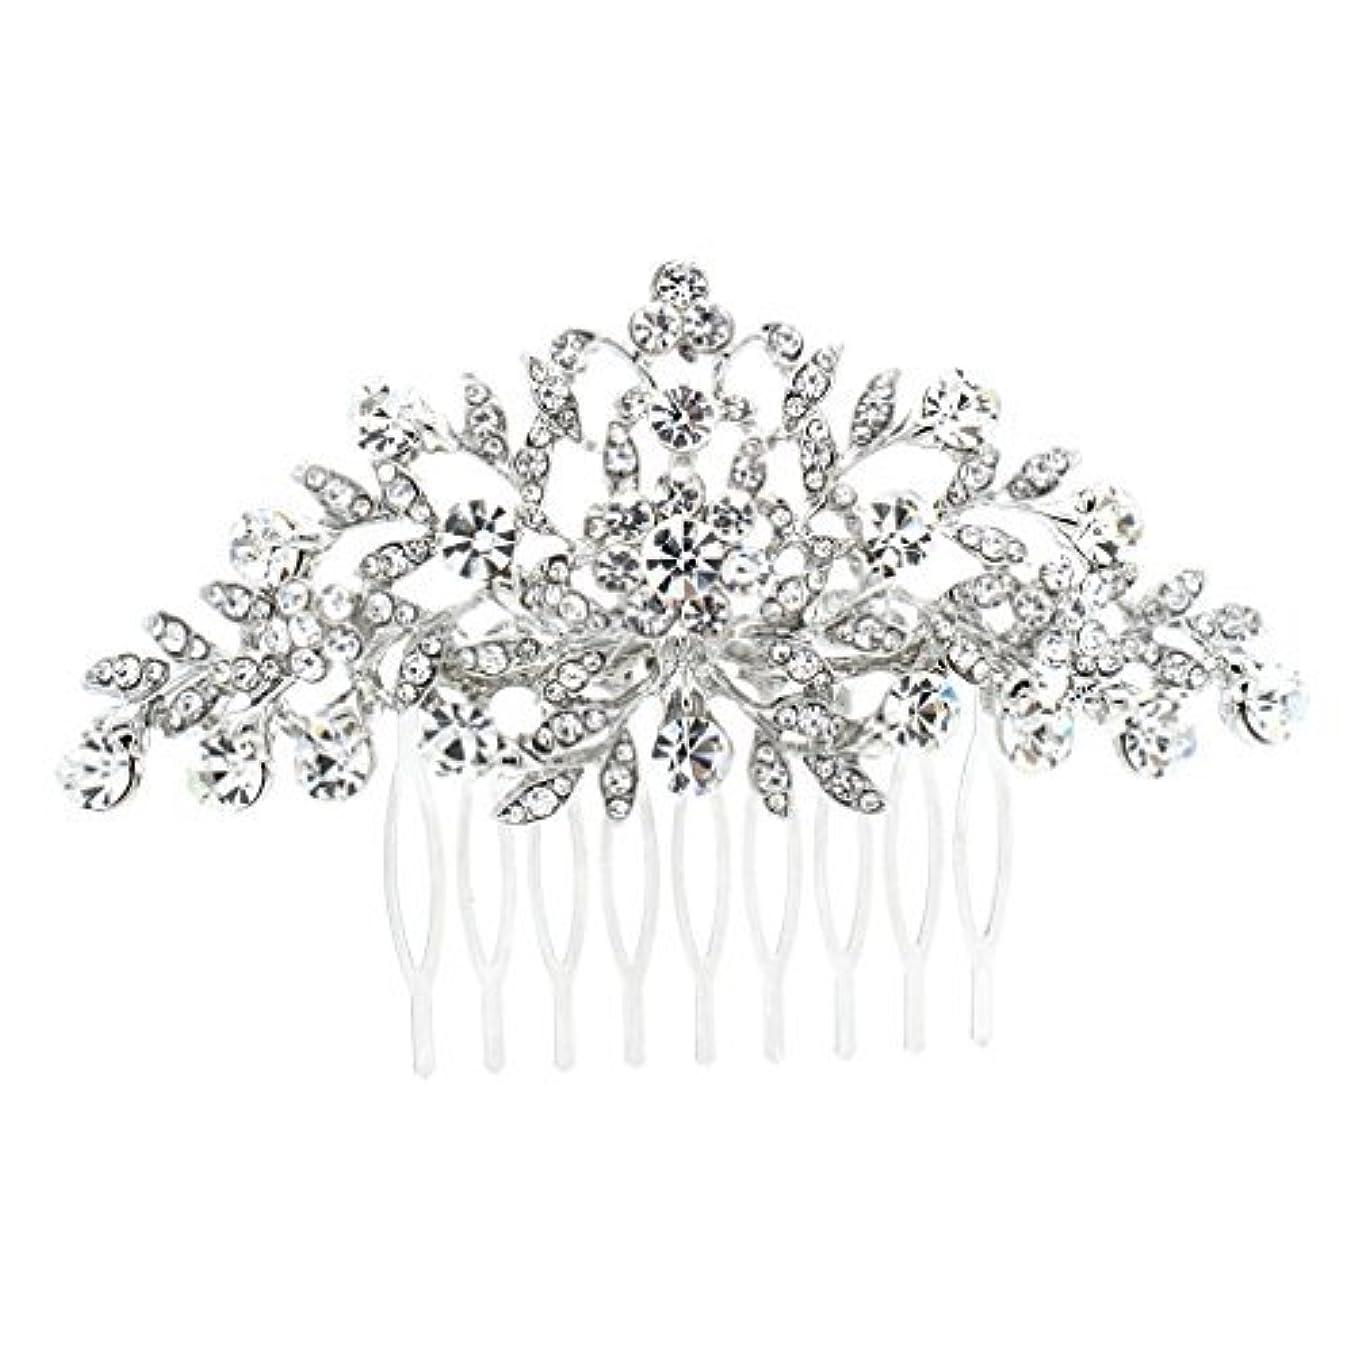 埋め込むポジション疲れたSEPBRDIALS Rhinestone Crystal Hair Comb Pins Women Wedding Hair Jewelry Accessories FA2944 (Silver) [並行輸入品]